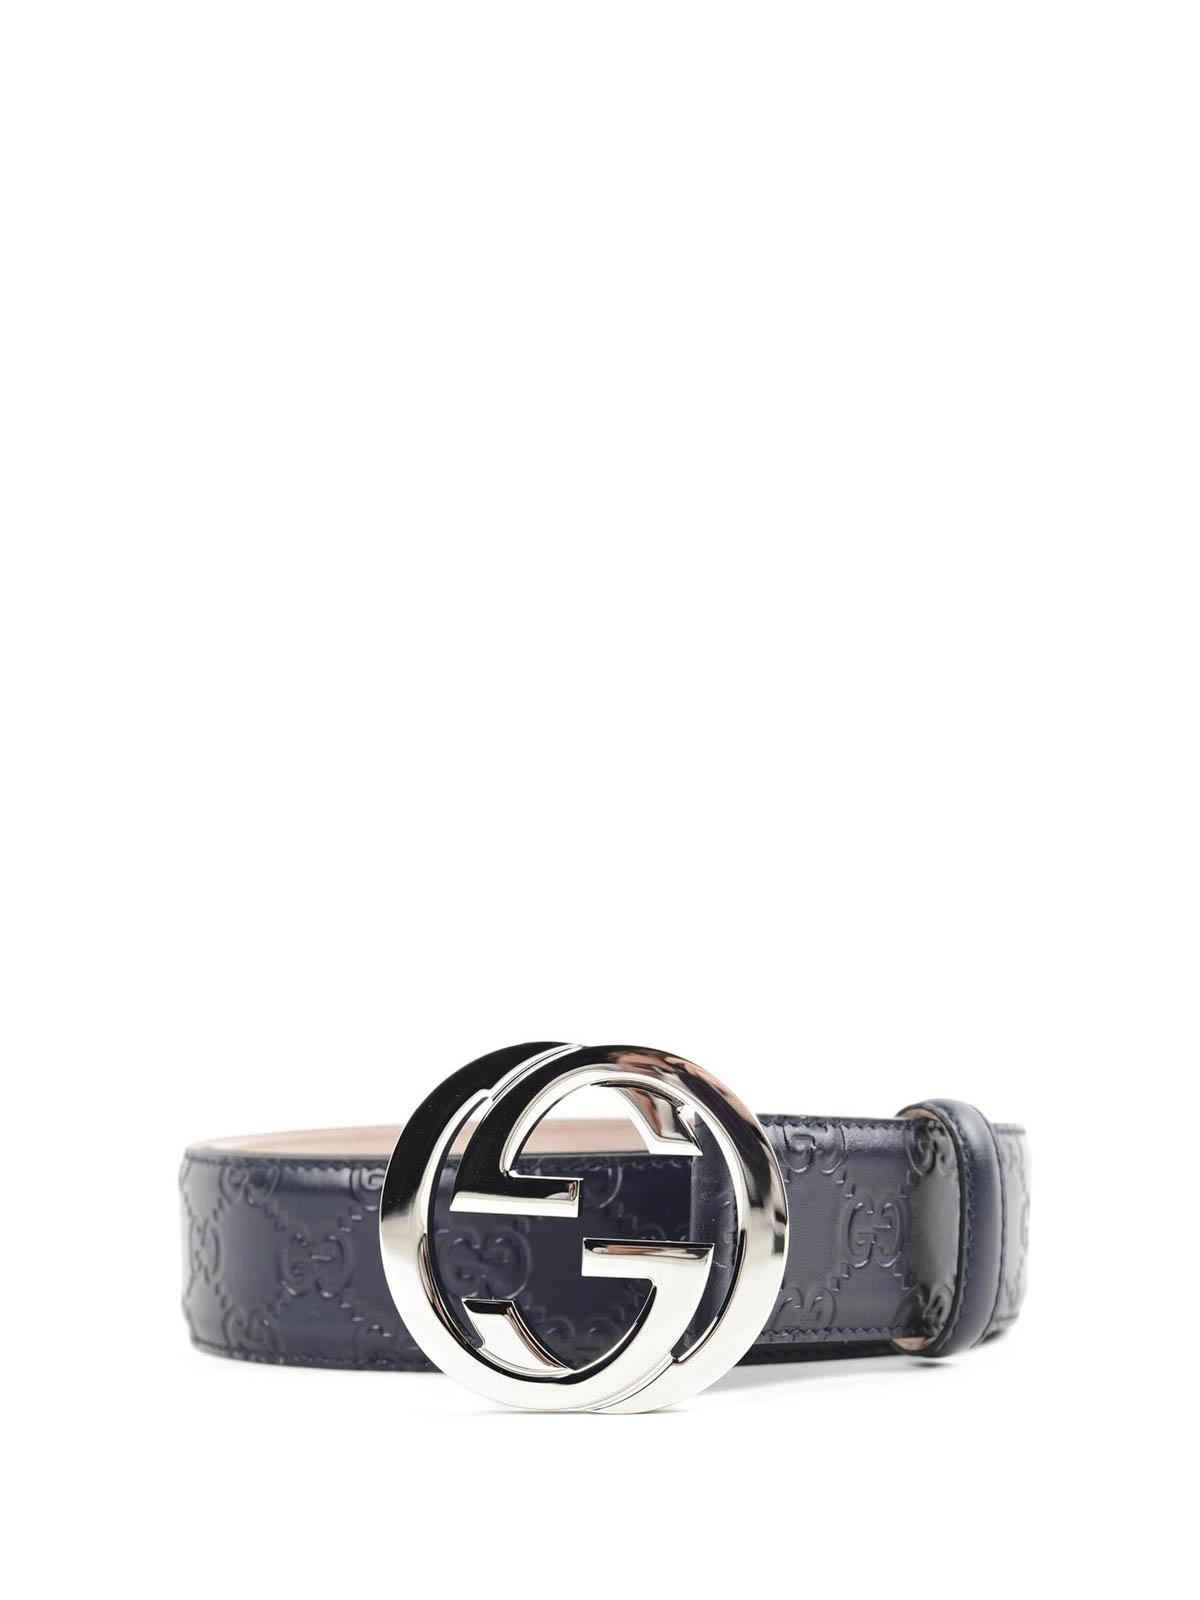 Gucci - Cinturón Azul Para Hombre - Cinturones - 411924 CWC1N 4009 4e8b026e012